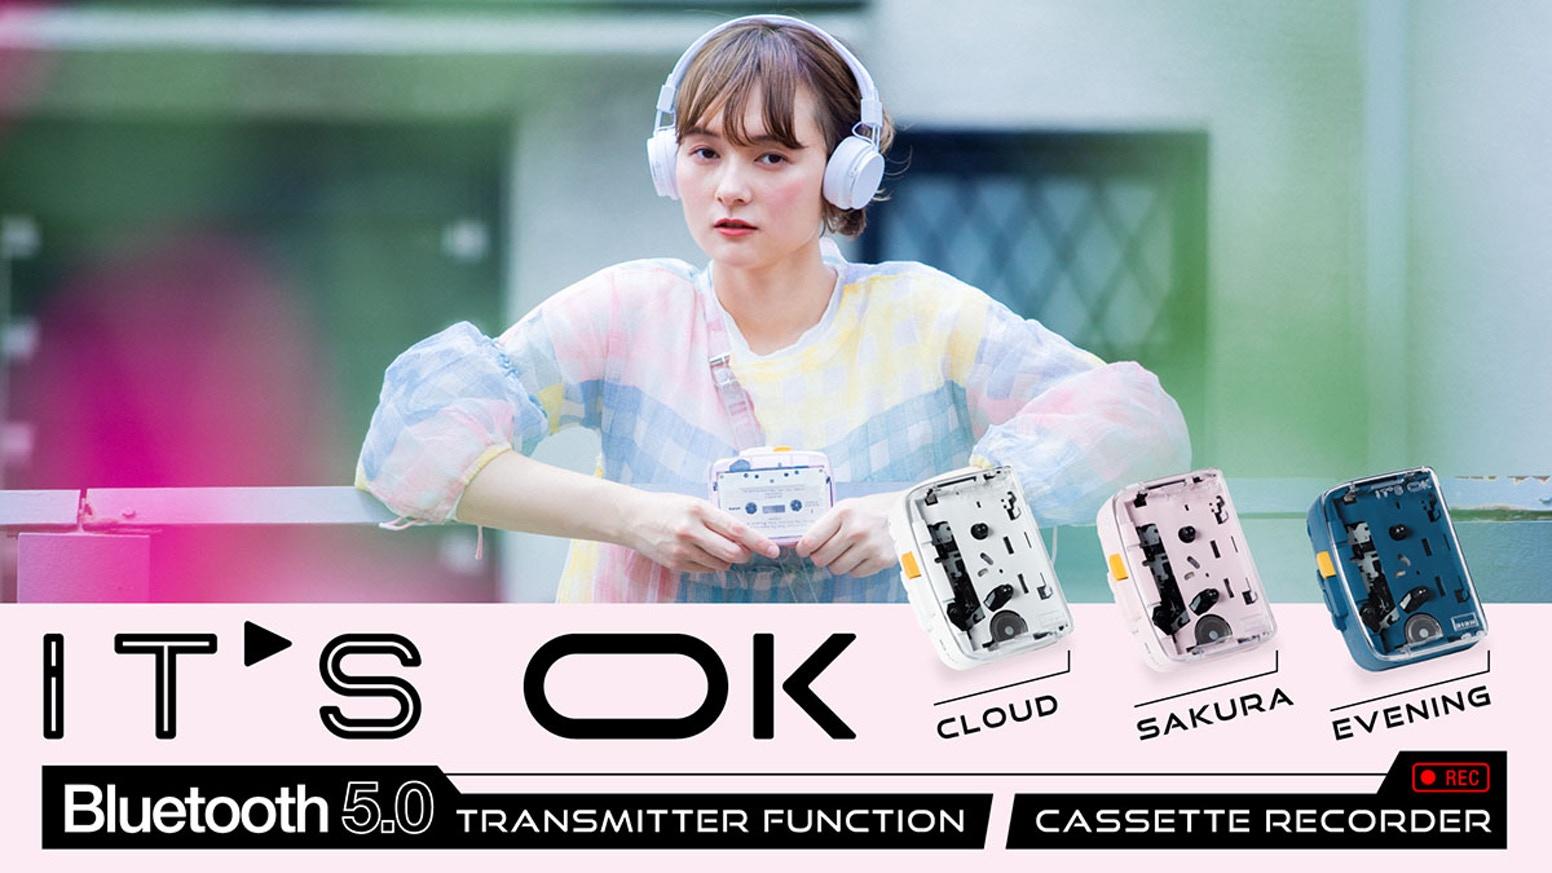 Технодекаденты как продукт бенефициаров копирайта: воскрес не только винил, на очереди компакт-кассеты - 2